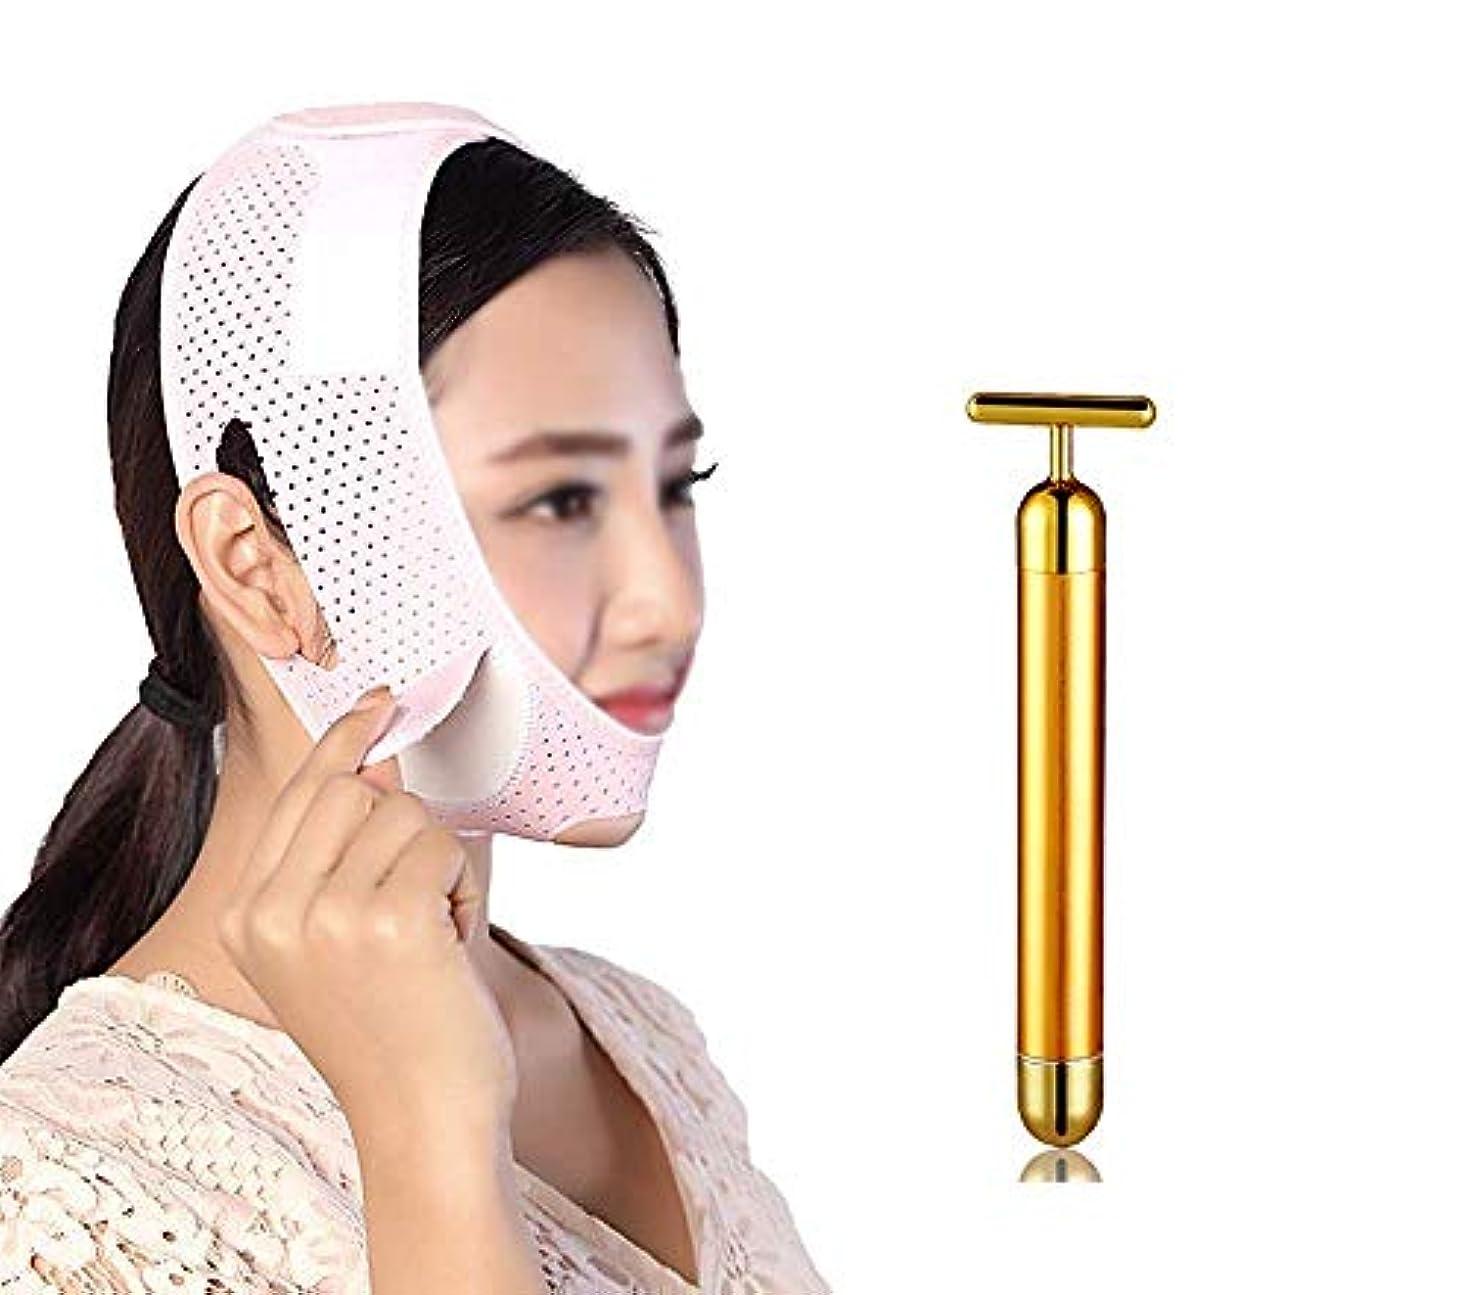 保守的マーチャンダイジング魂顔と首を持ち上げる術後弾性セットVフェイスマスクは、チンV顔アーティファクト回復サポートベルトの収縮の調整を強化します。